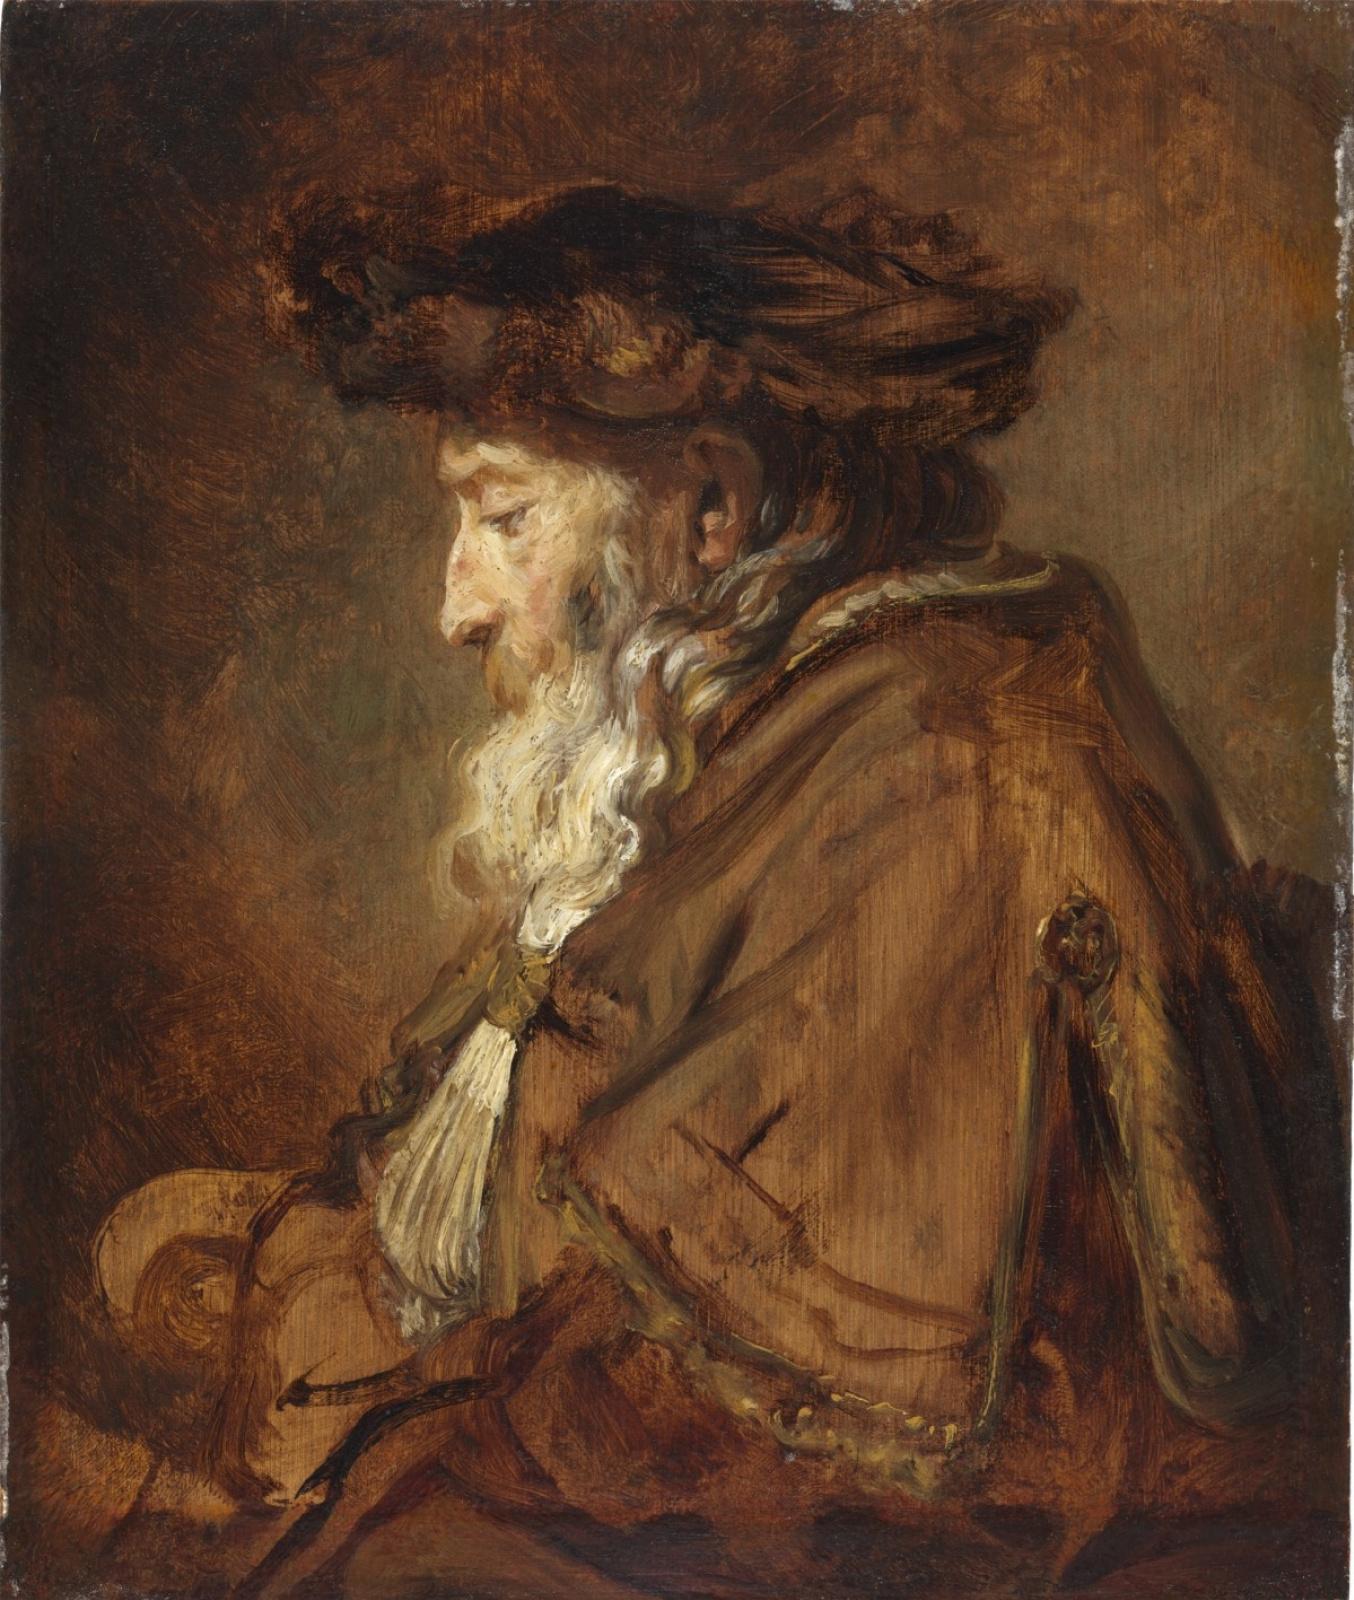 Рембрандт Харменс ван Рейн. Портрет раввина